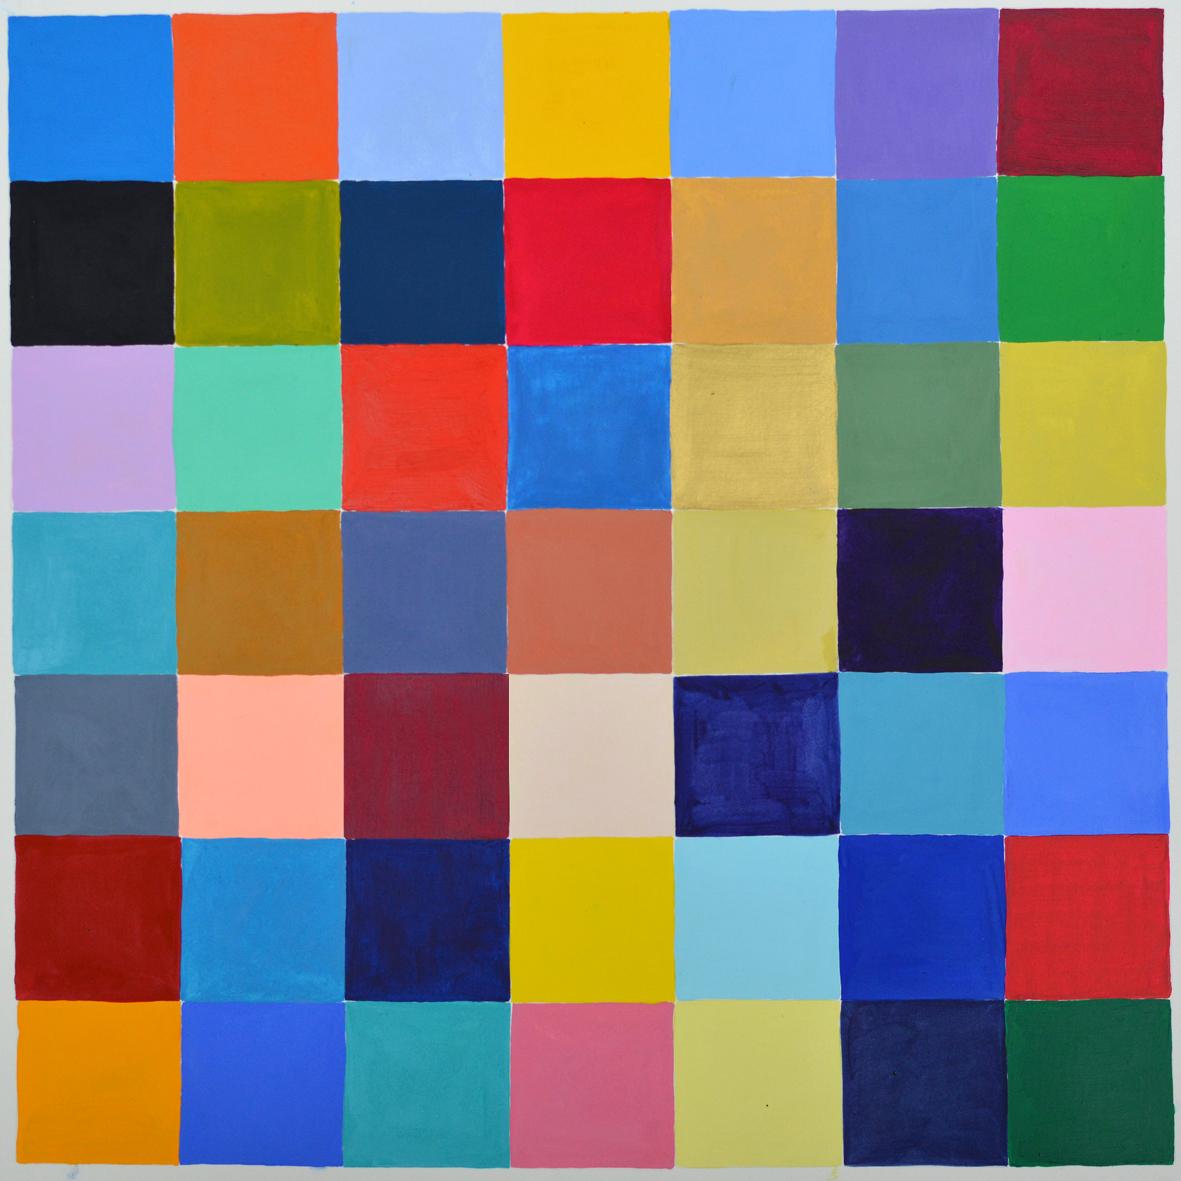 Square of Squares